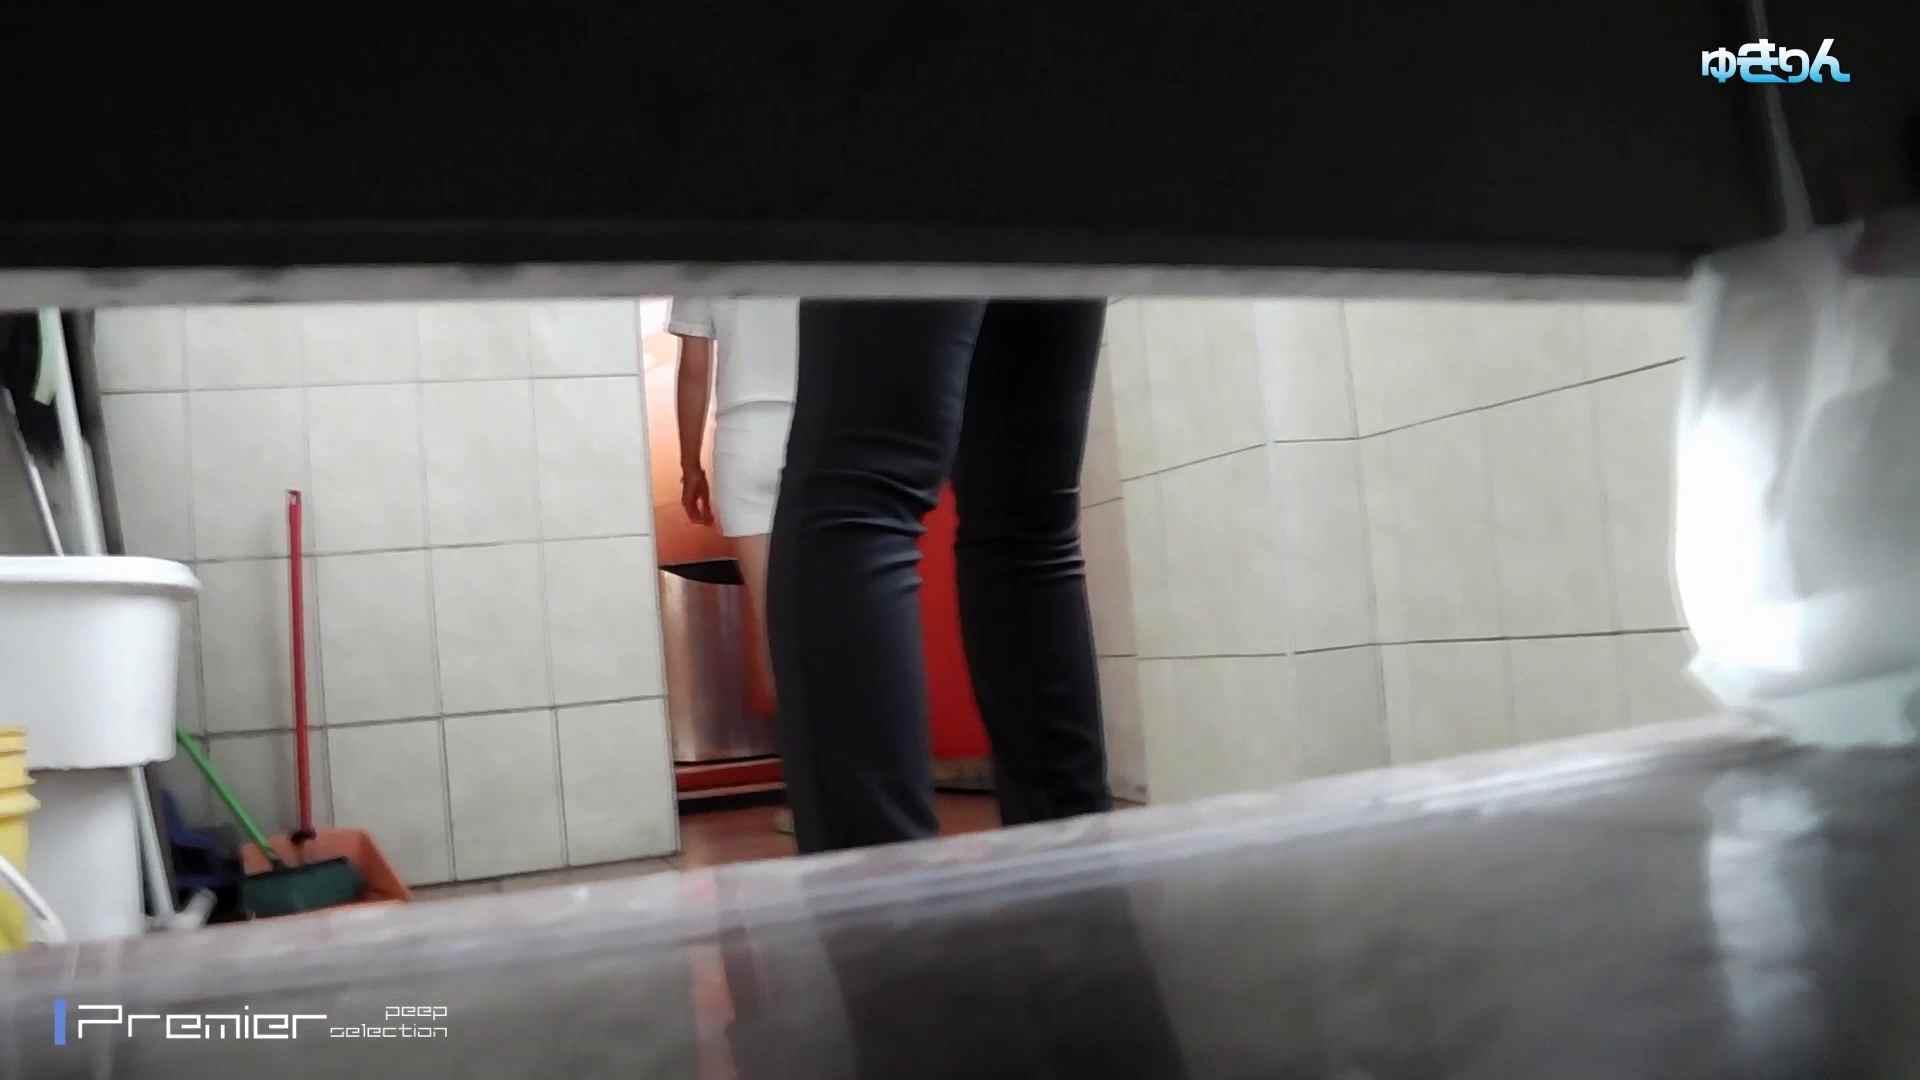 ステーション編 vol60 ユキリン粘着撮り!!今回はタイトなパンツが似合う美女 エッチなパンツ   美女  95枚 71